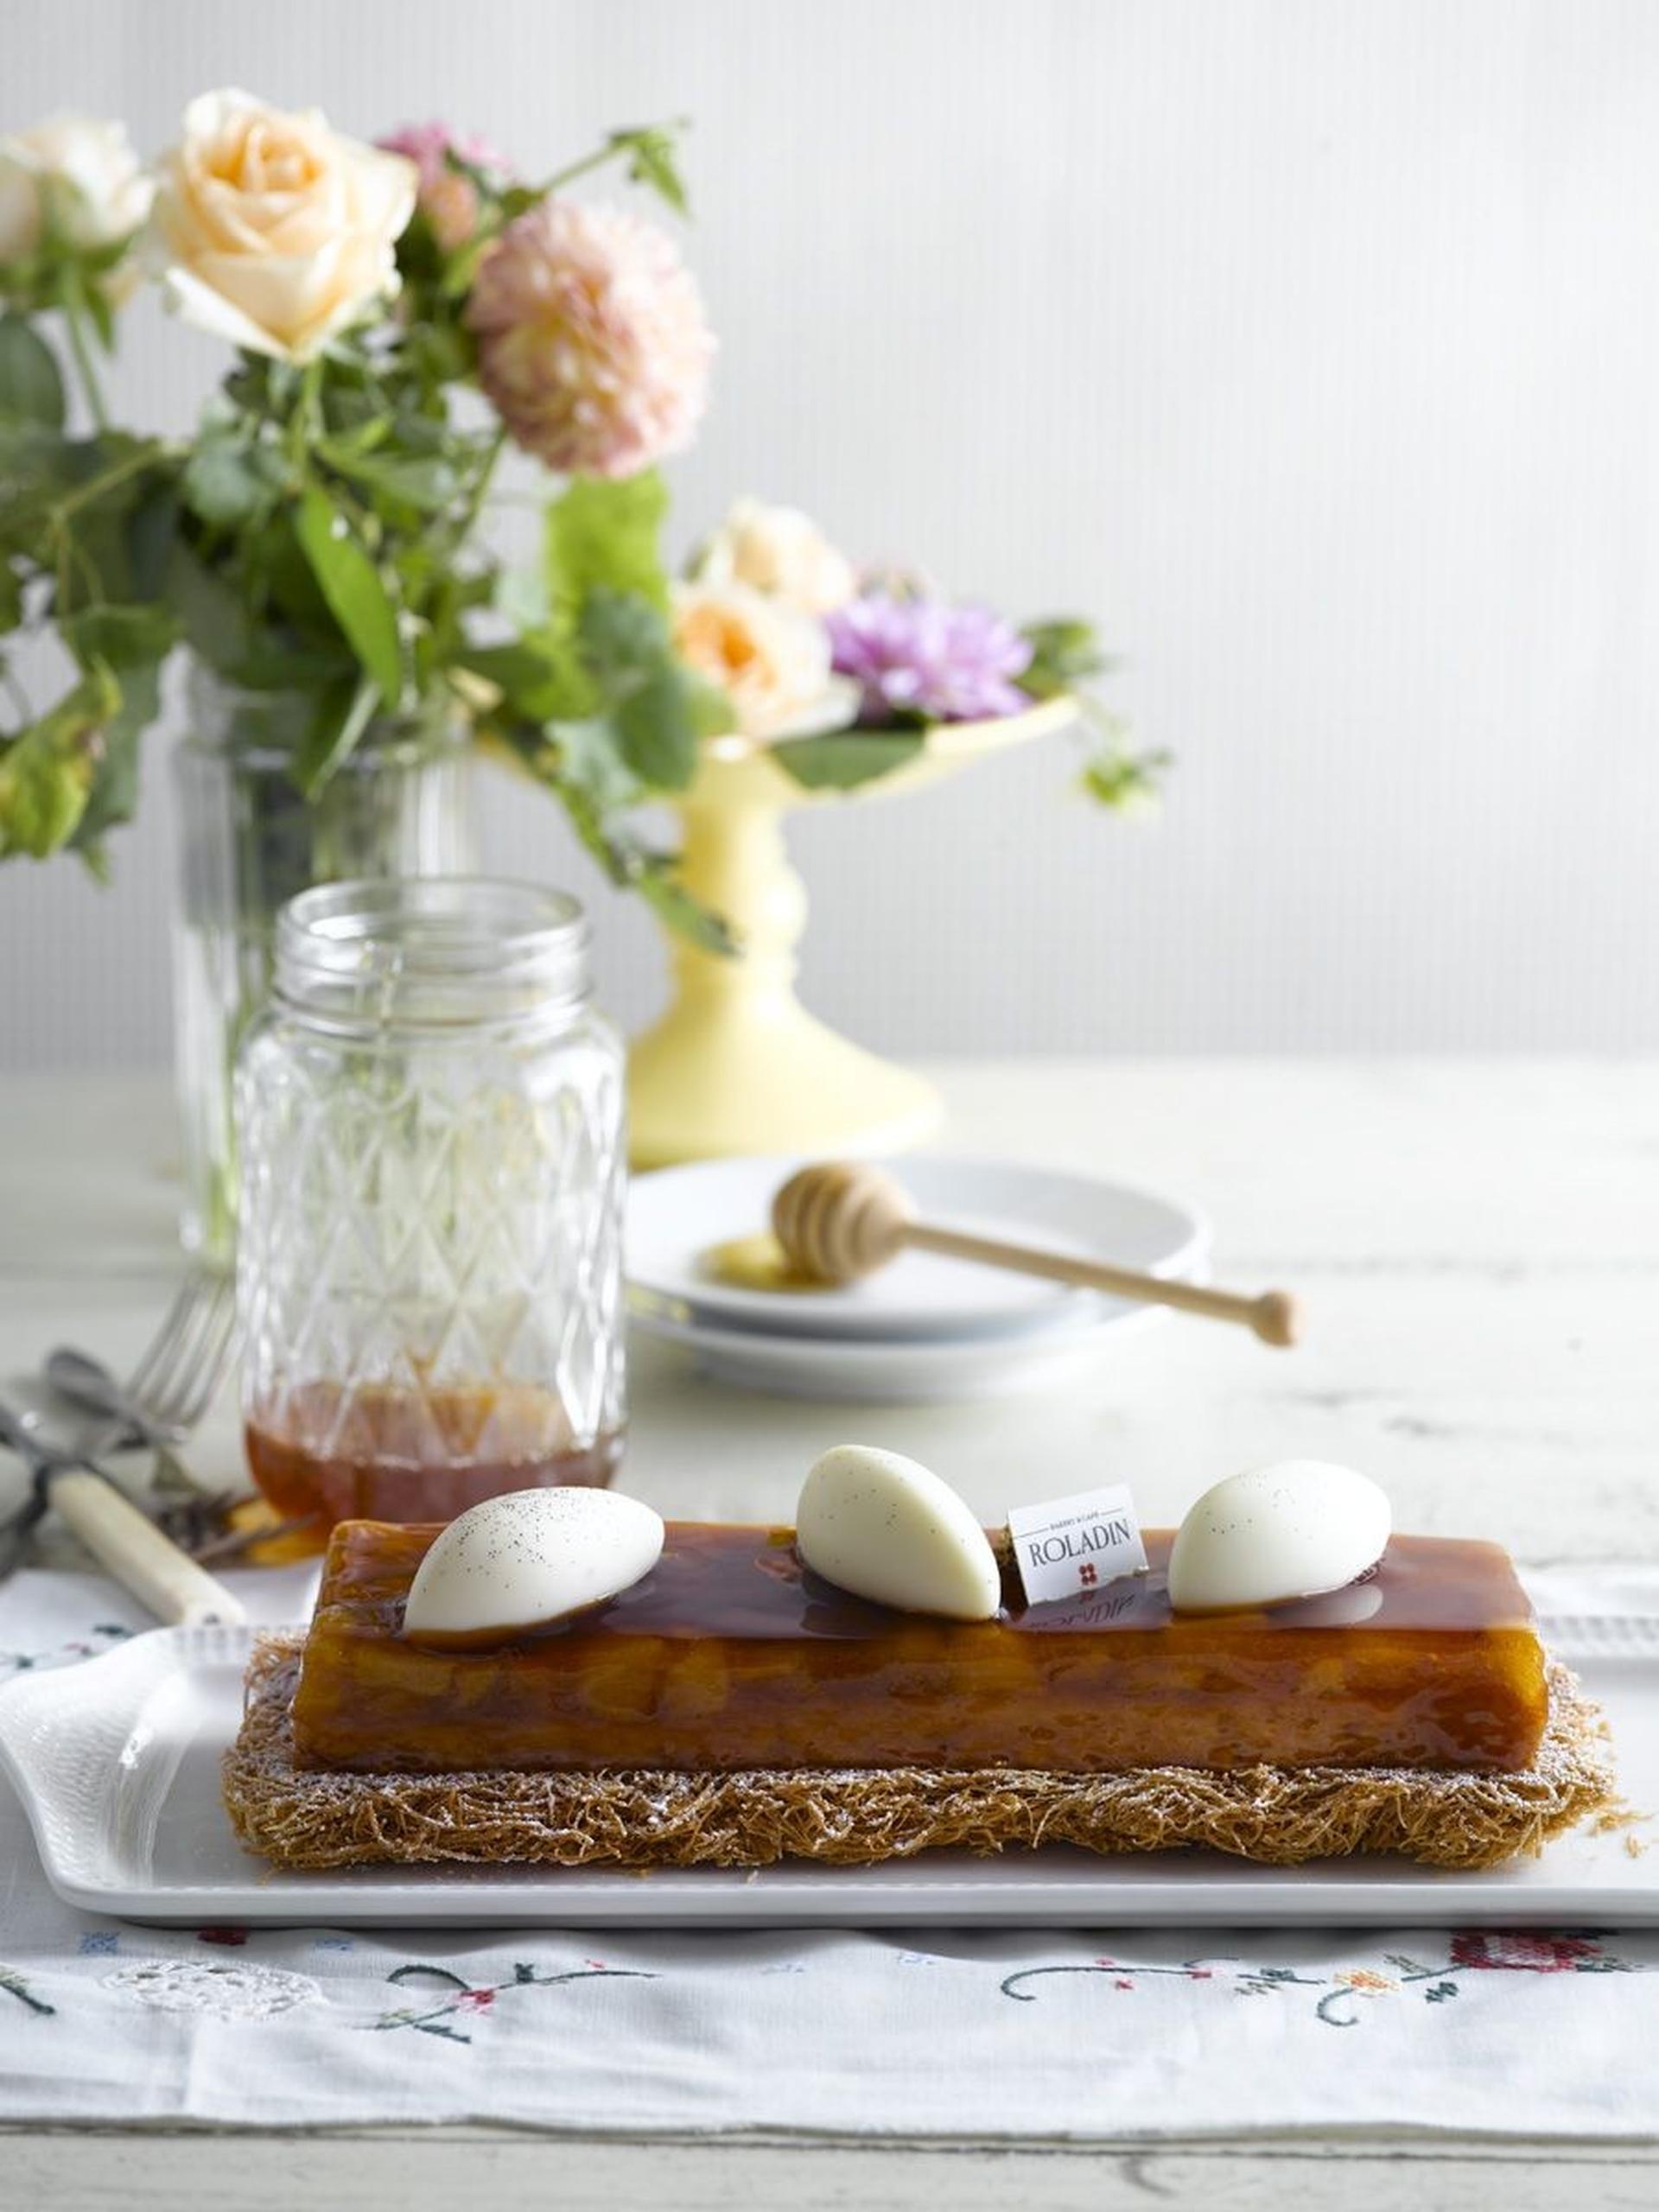 עוגת קדאיף תפוחים בדבש של רולדין. צילום: רונן מנגן